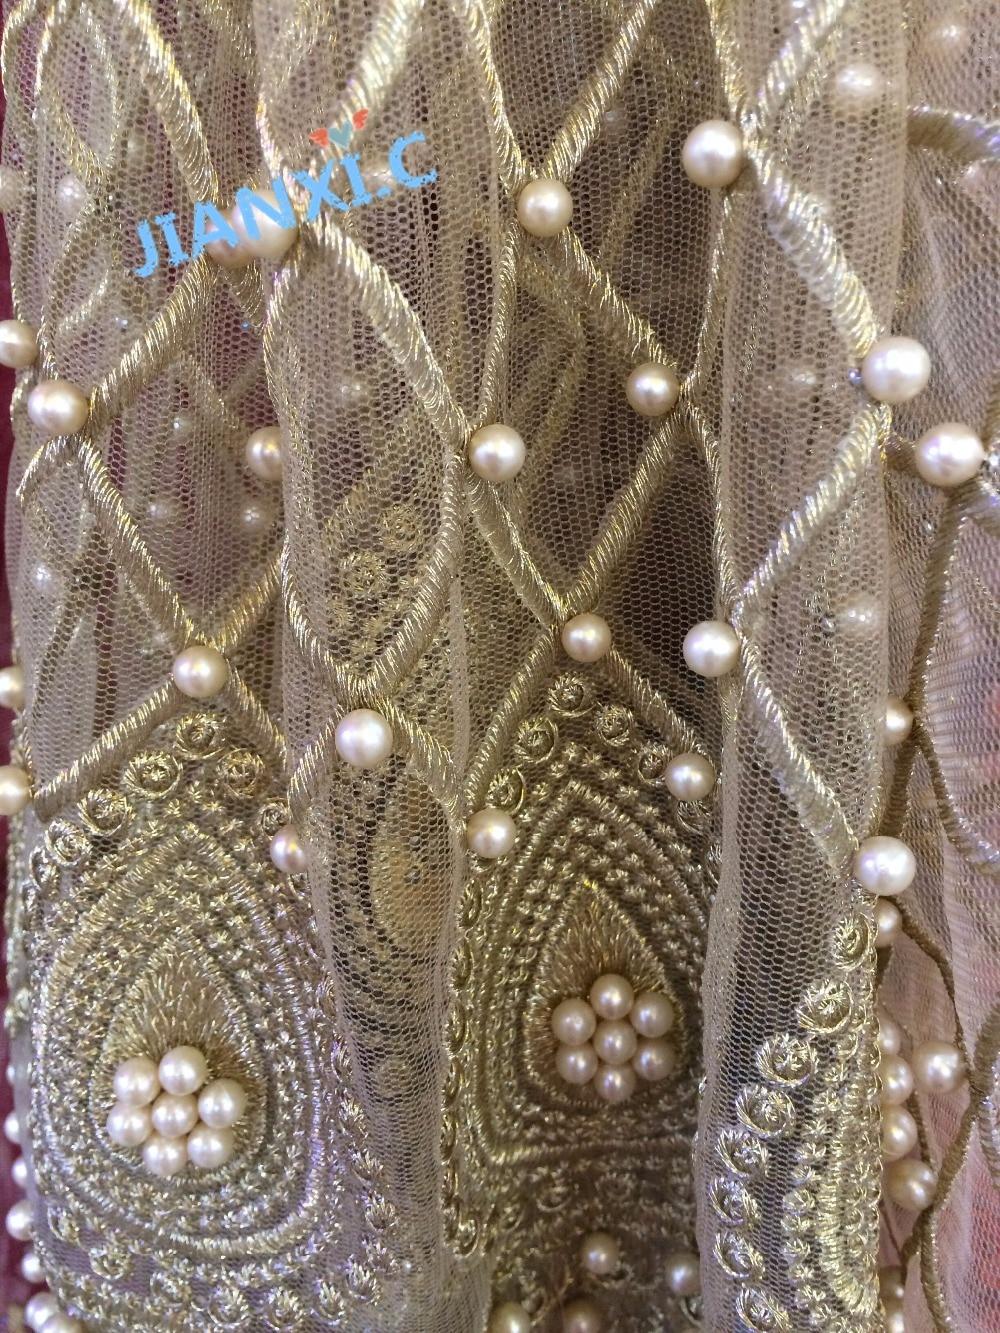 Nuovo disegno del ricamo di pizzo maglia JIANXI.C 112903 tessuto netto africano per il vestito da sera/party dress-in Pizzo da Casa e giardino su  Gruppo 3